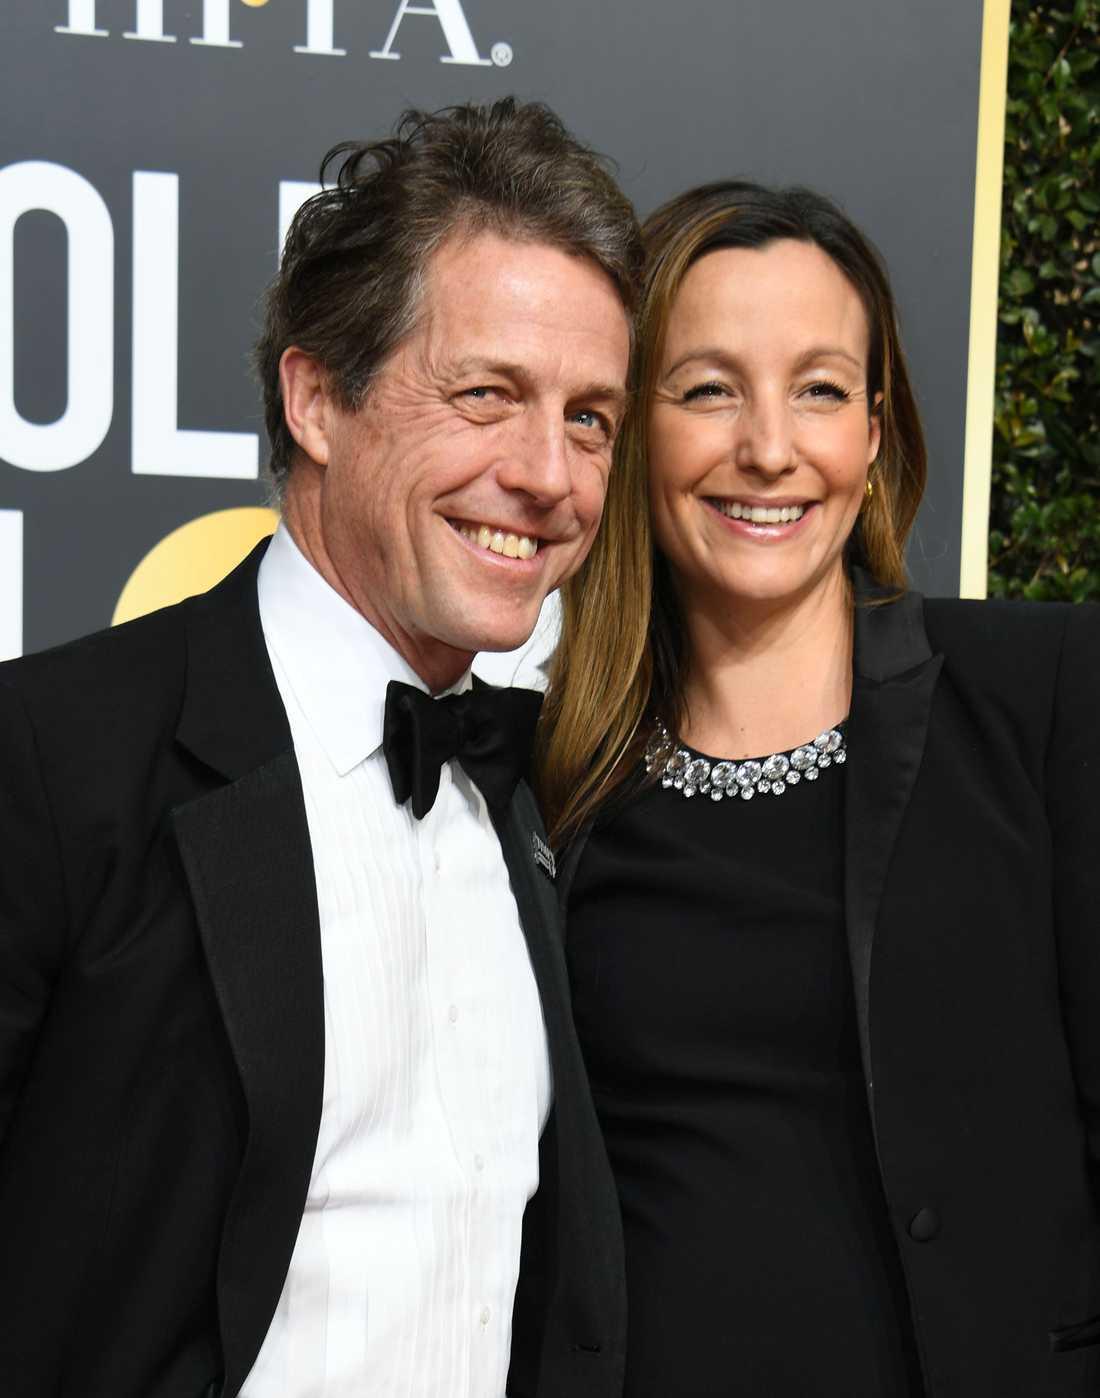 Hugh Grant och Anna Eberstein under Golden Globe i år.